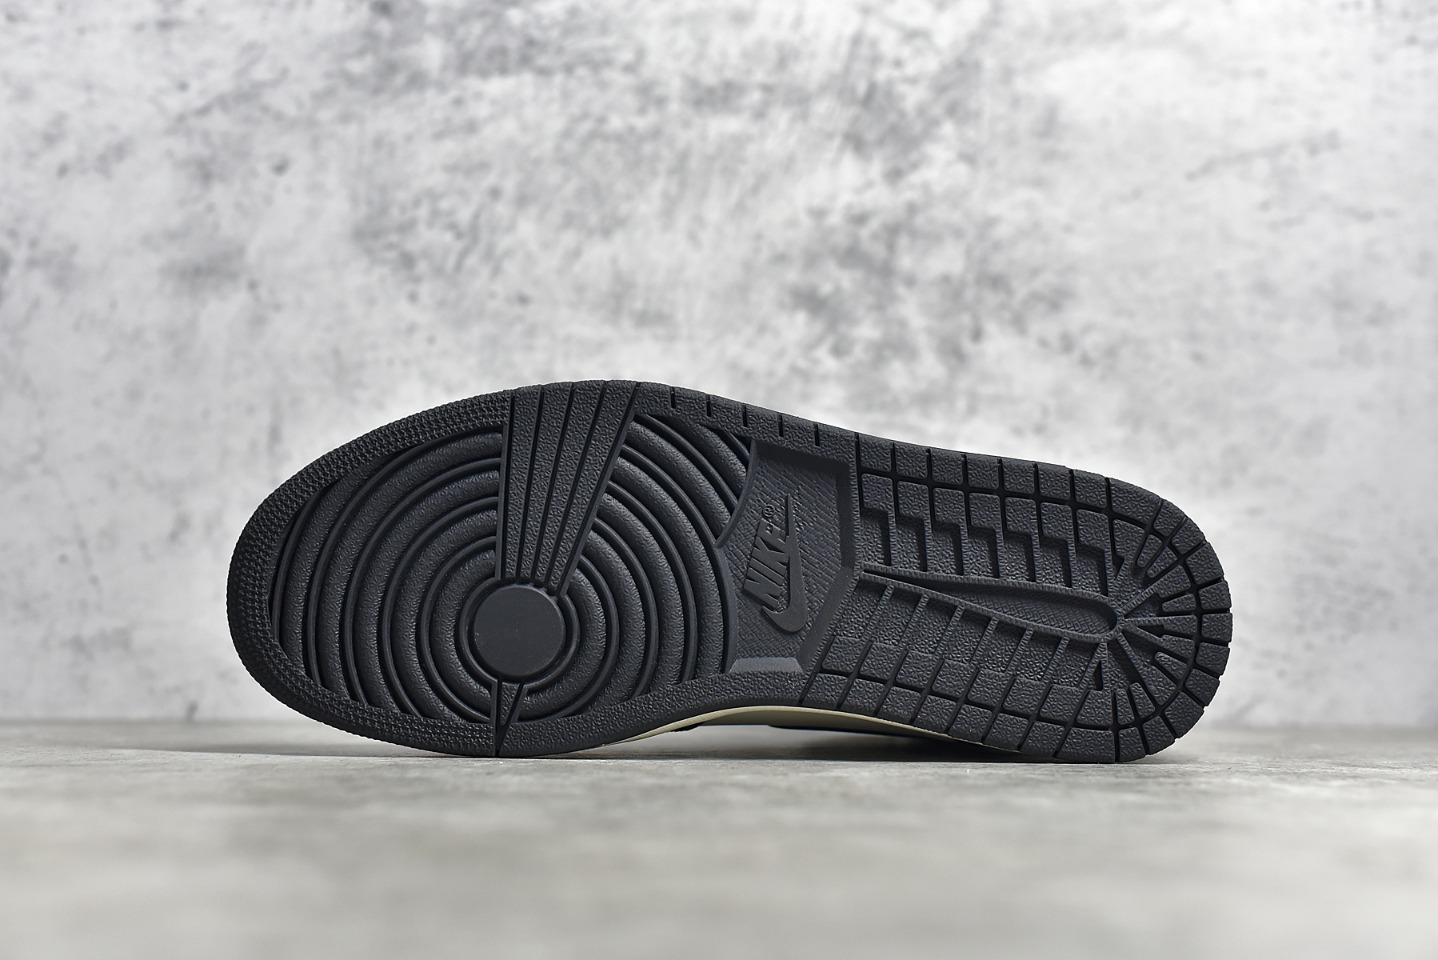 """AJ1小倒钩摩卡咖啡 Air Jordan 1 Retro """"Dark Mocha"""" SG纯原版本AJ1白黑棕 货号:555088-105-潮流者之家"""